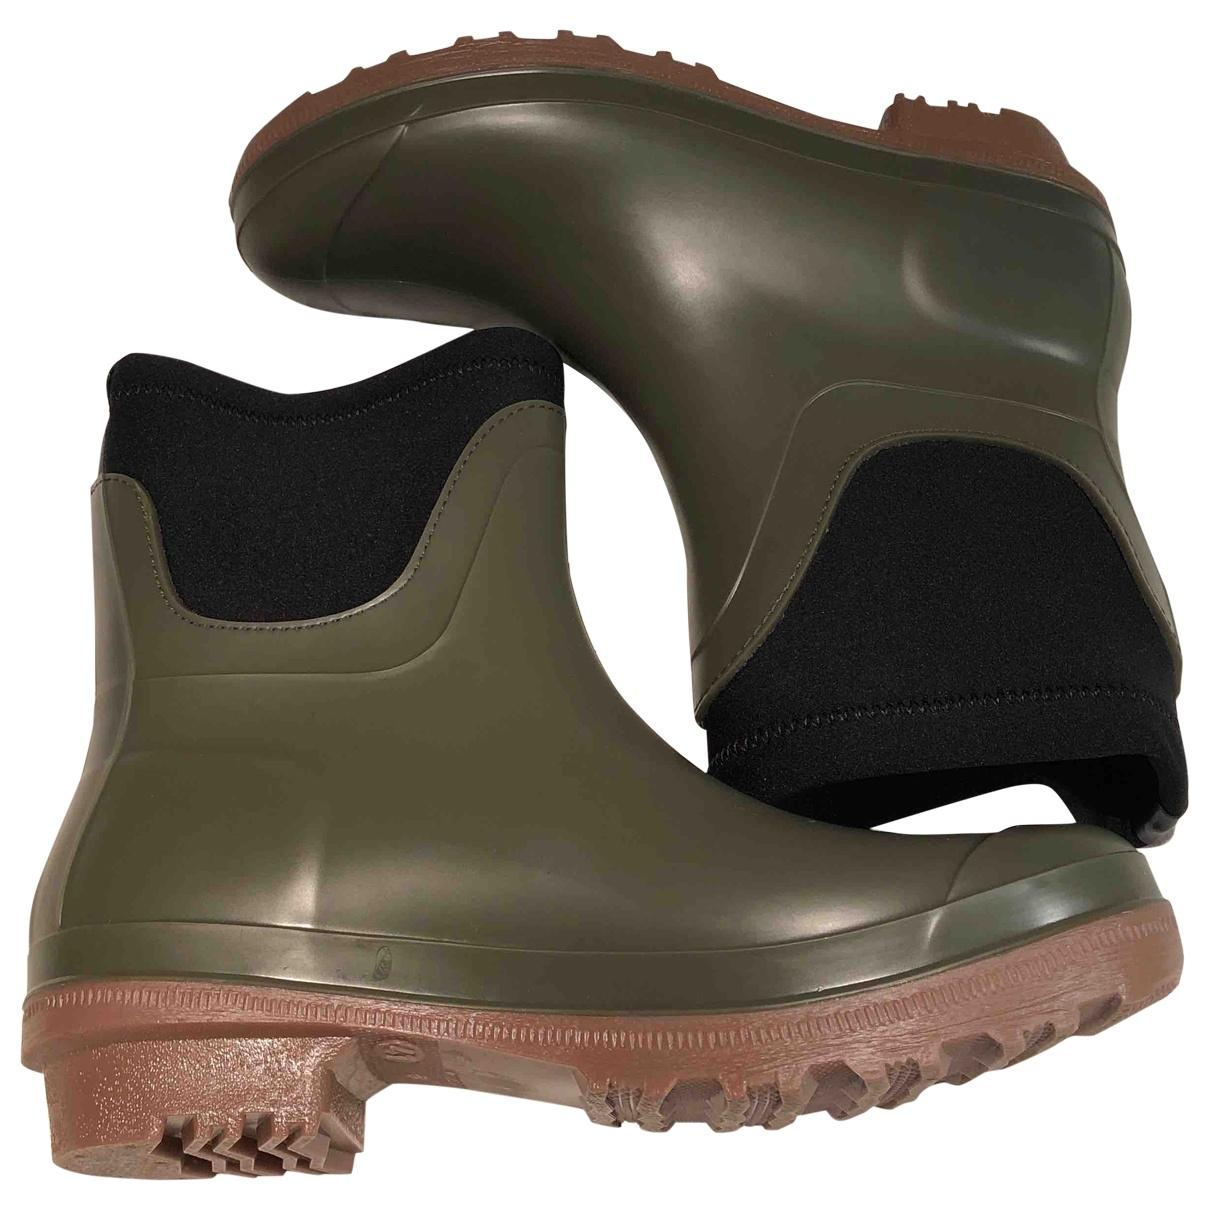 Max Mara Weekend - Boots   pour femme en caoutchouc - kaki